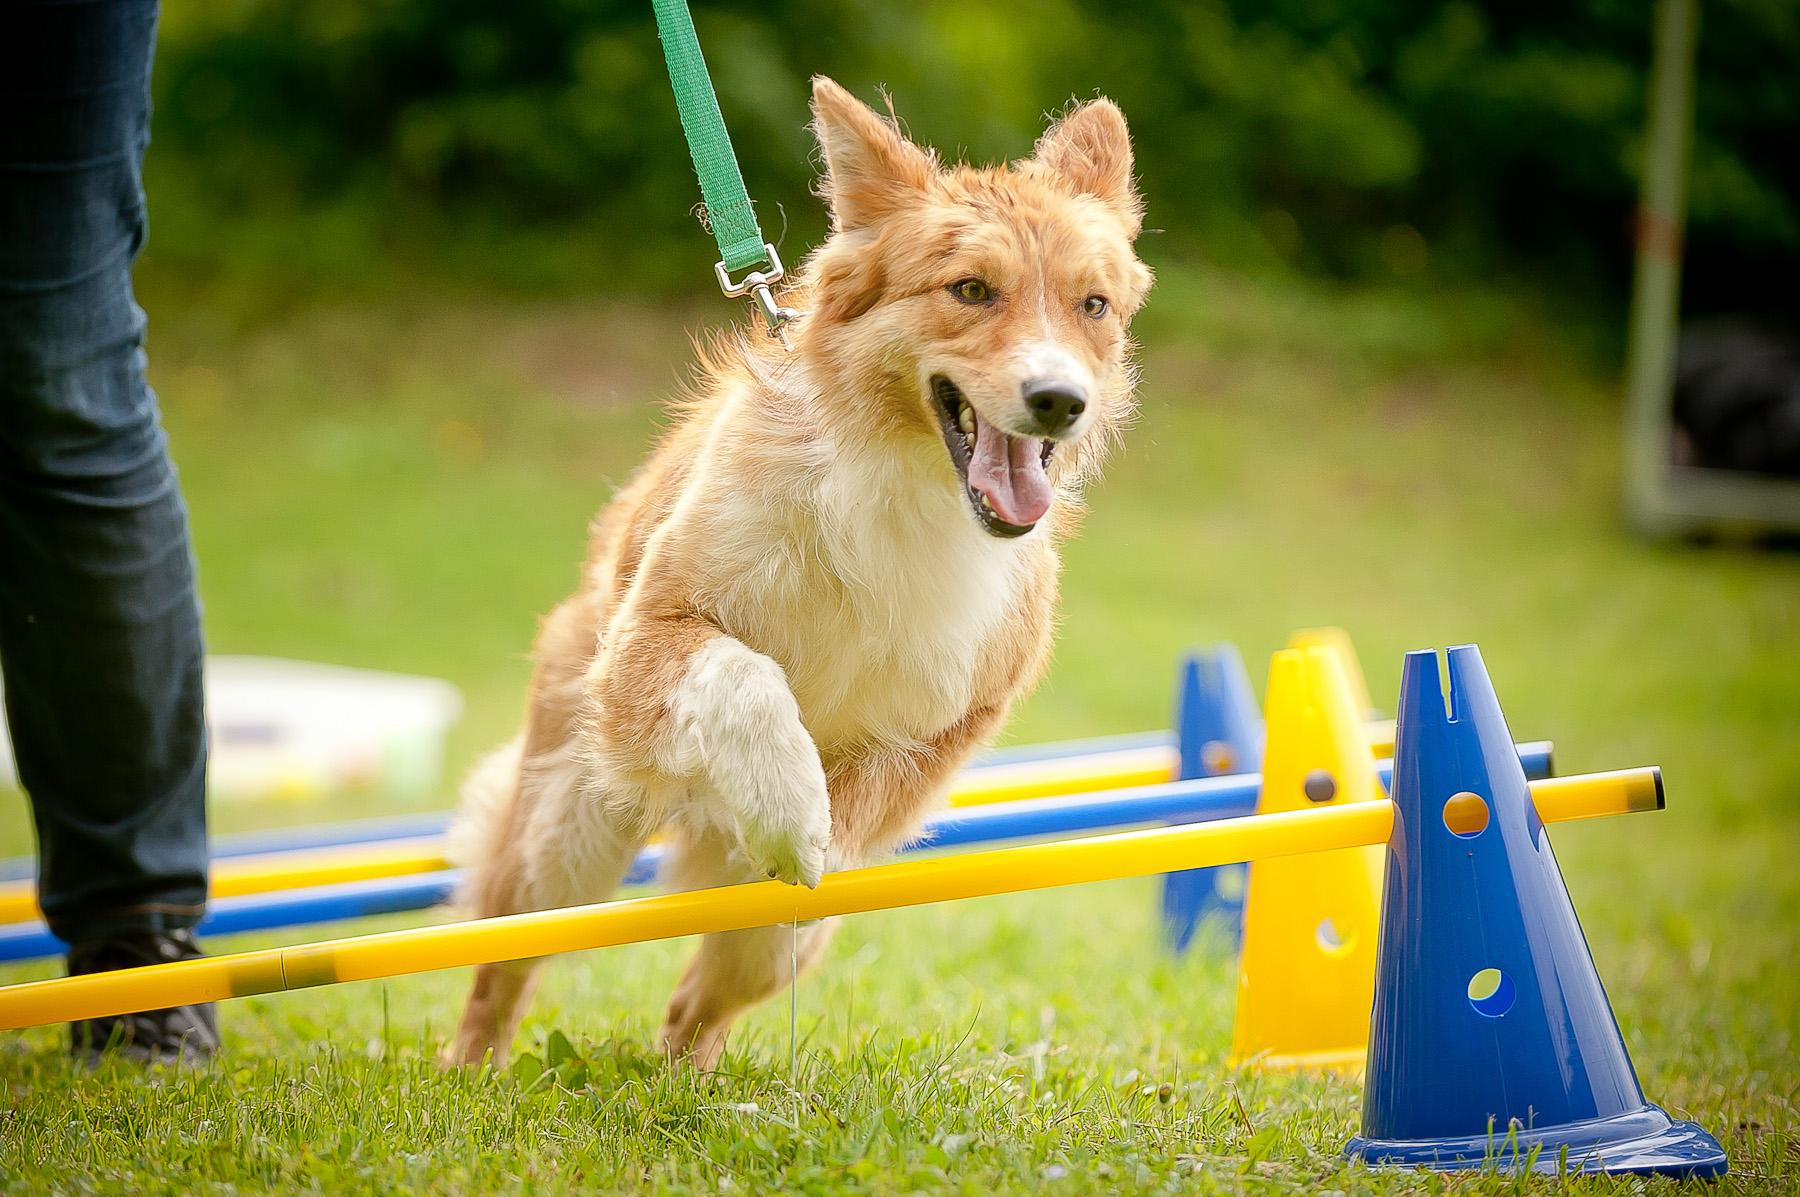 Die Tierarztpraxis Grath bietet auch eine Hundeschule an, bei der Sie an offenem Sport und Spaß teilnehmen können